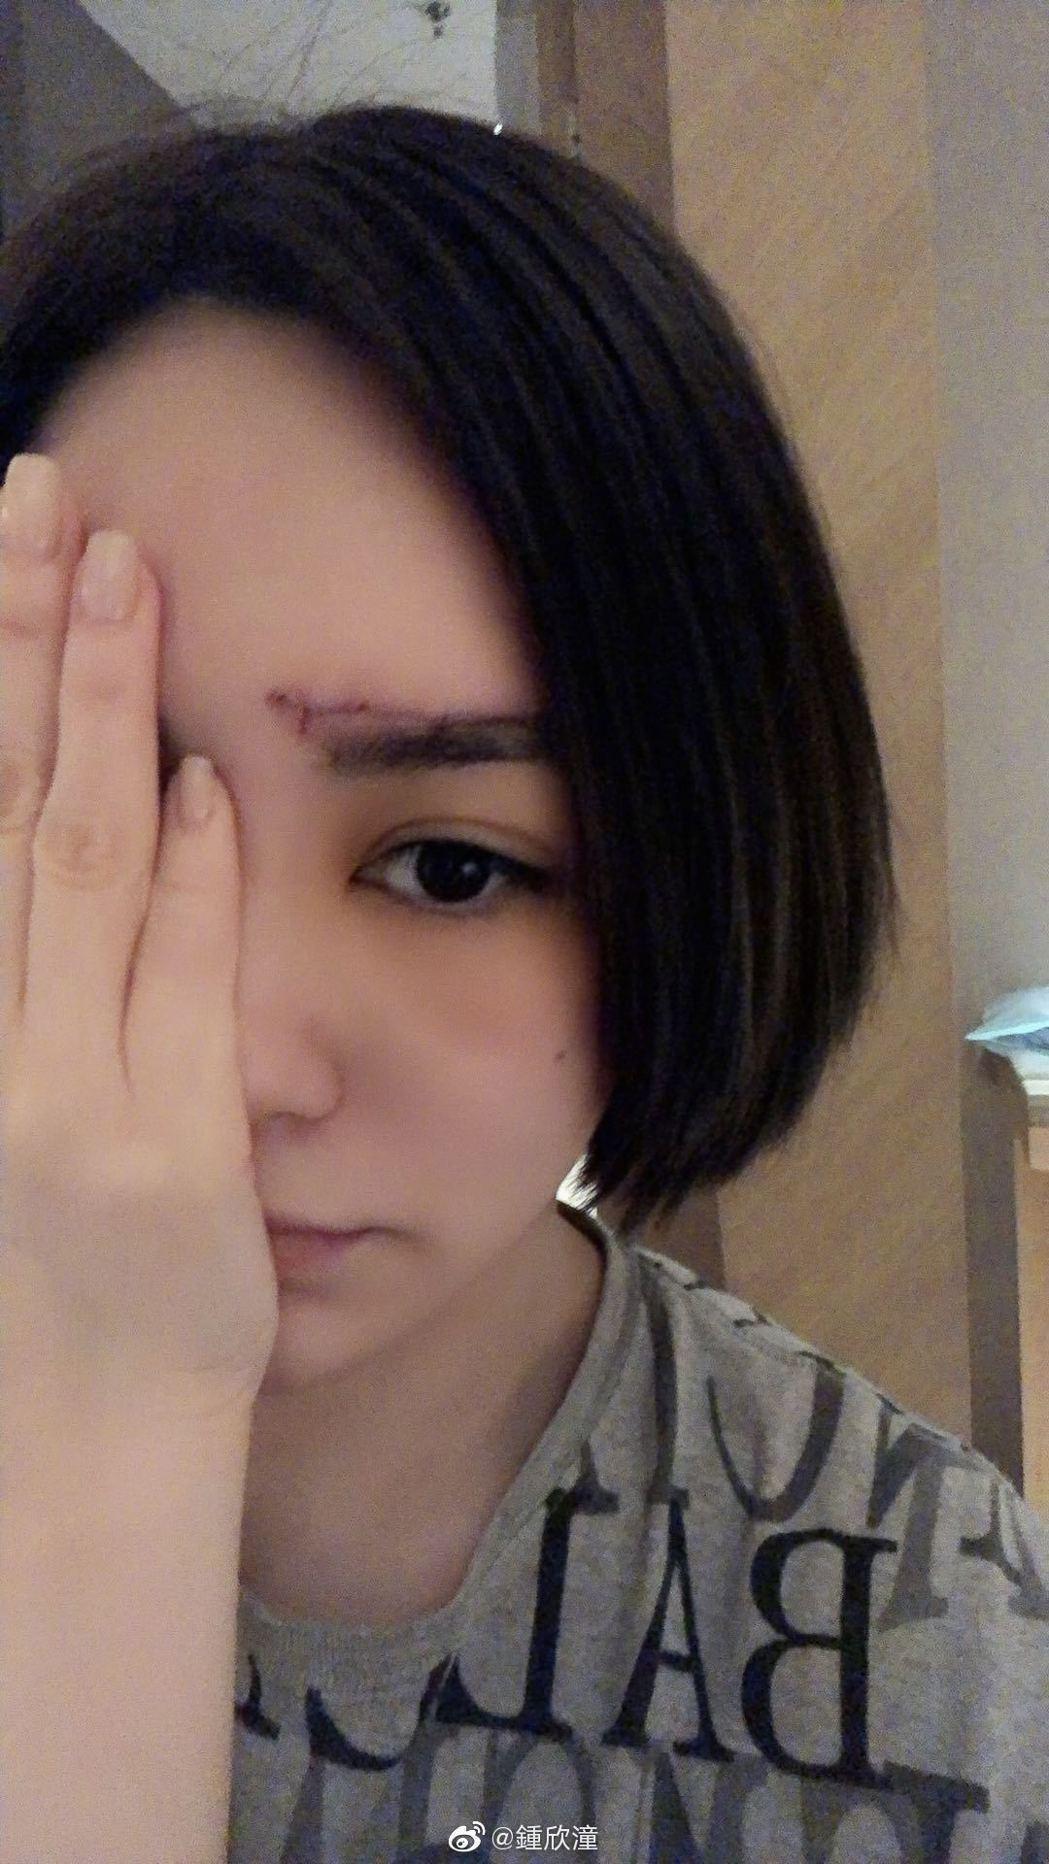 阿嬌日前才在微博秀出受傷照。圖/摘自微博